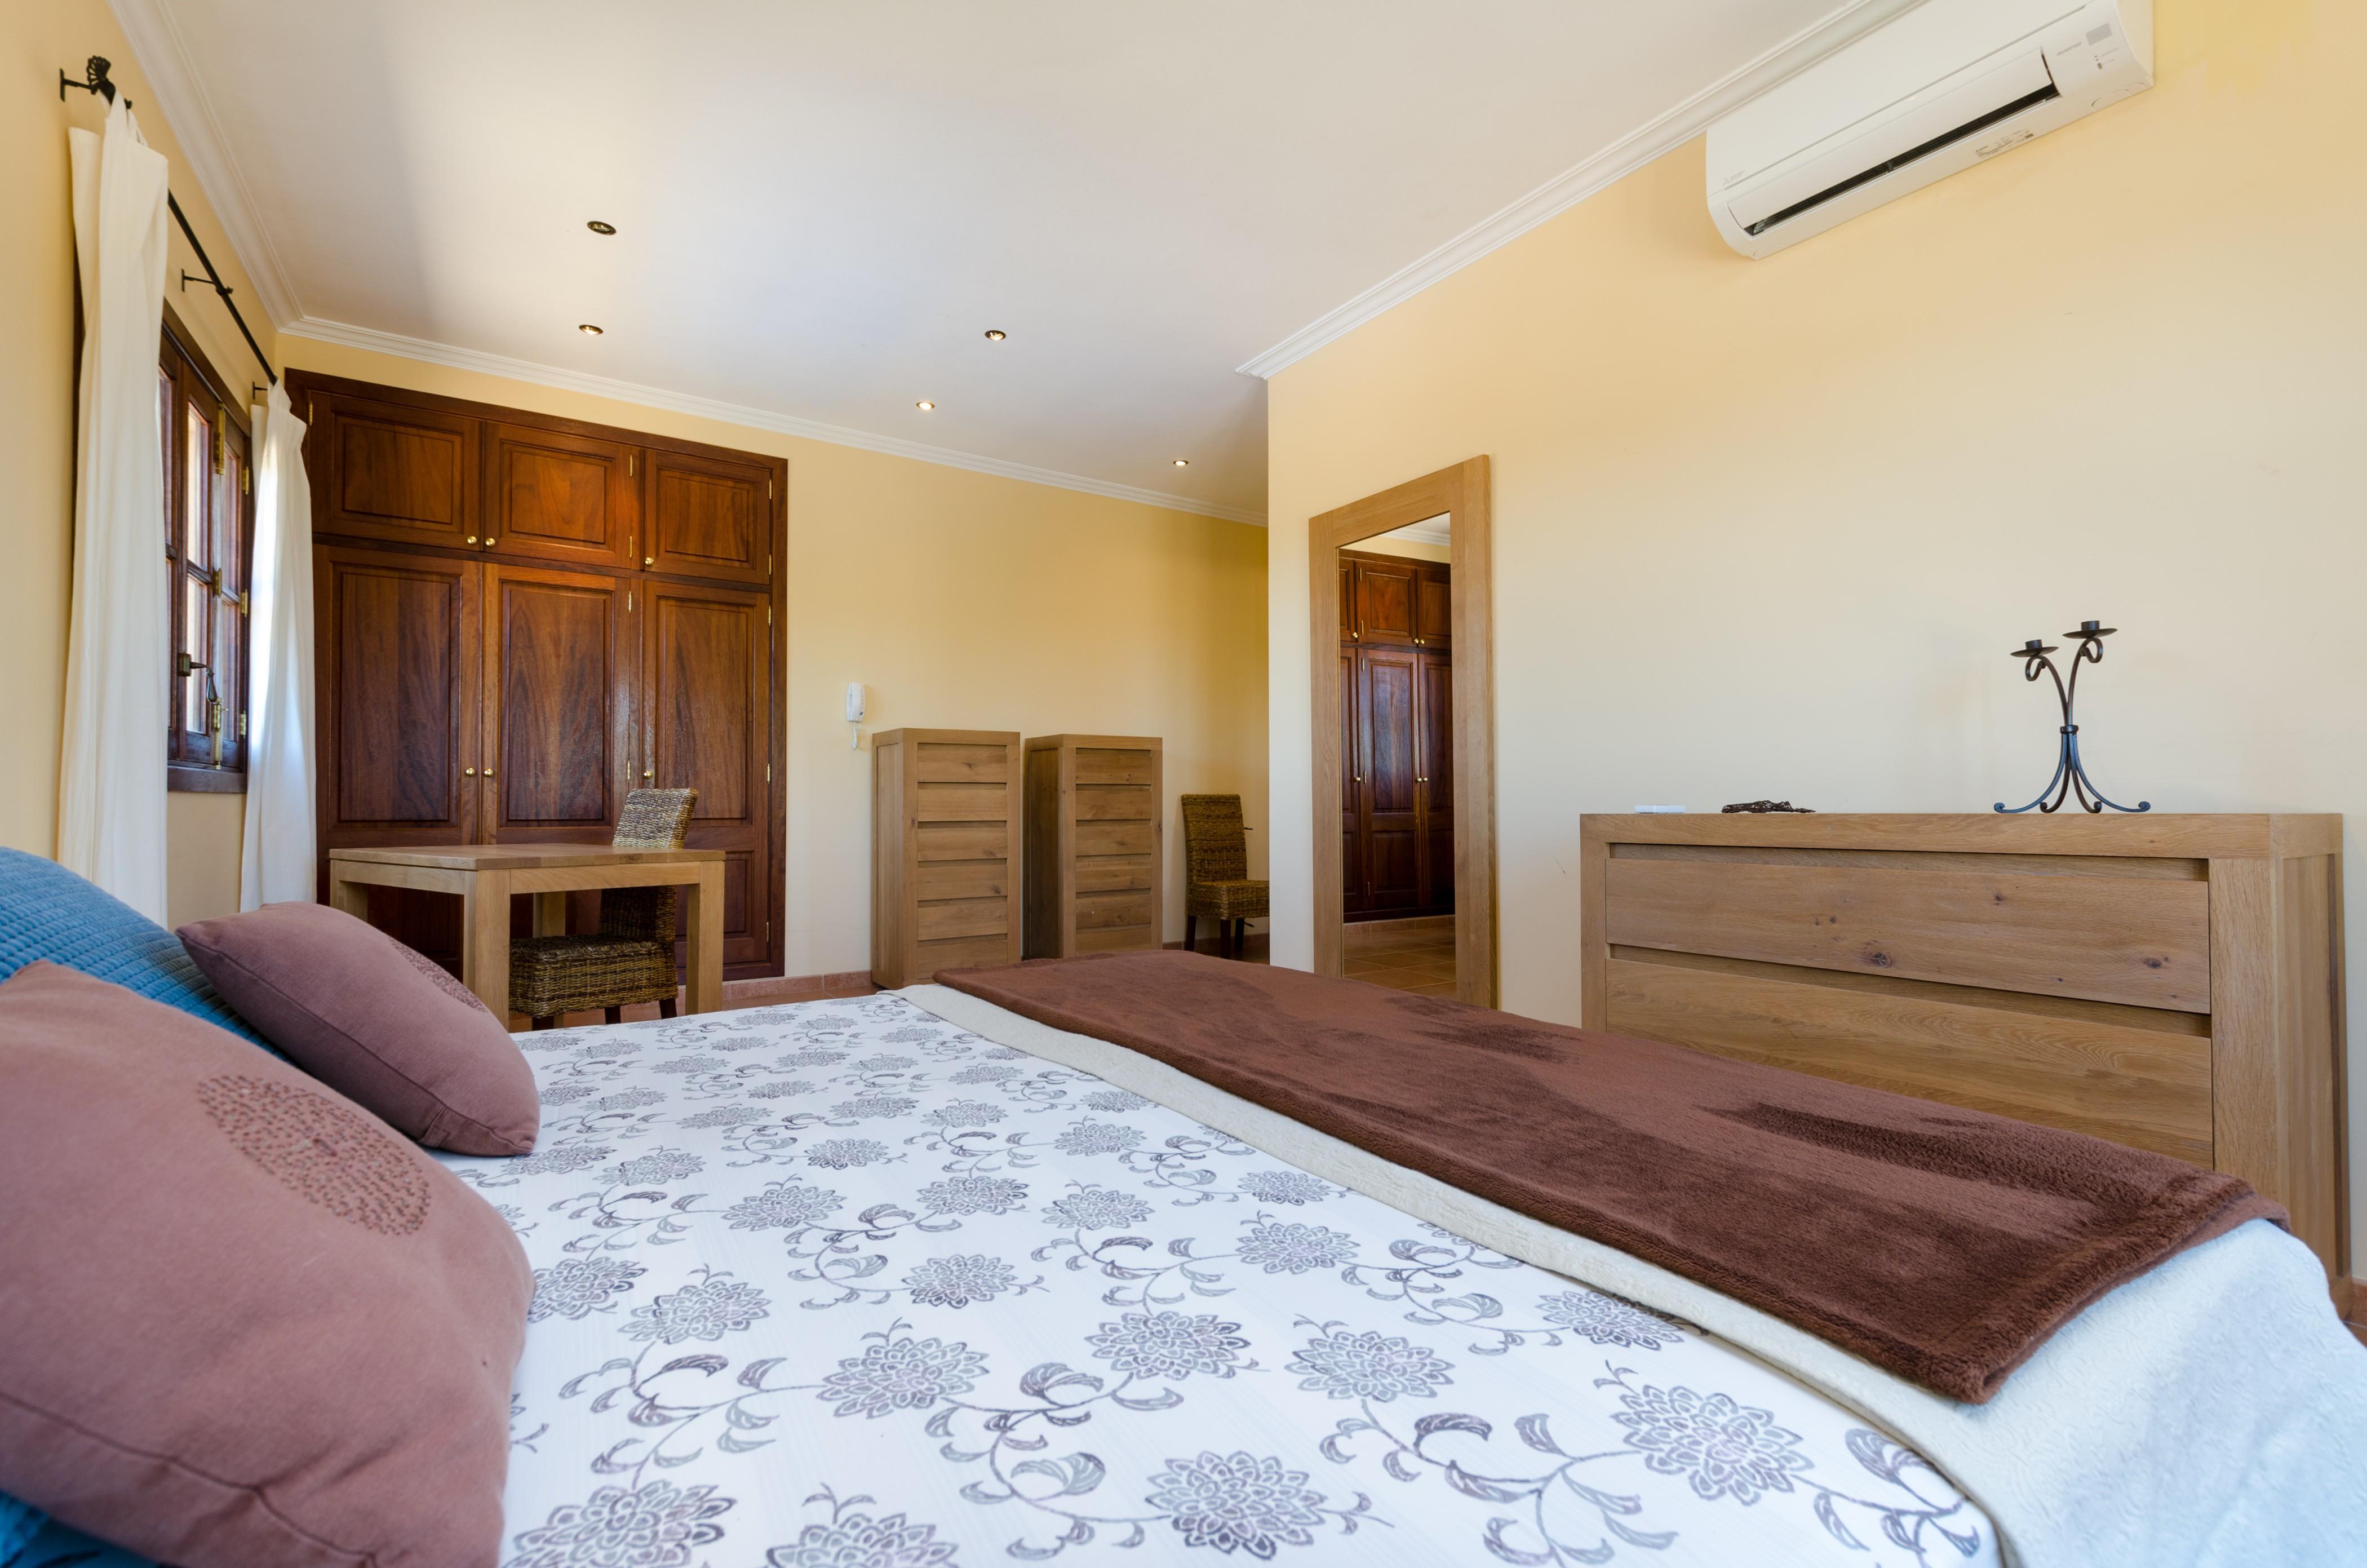 Maison de vacances ES VEDAT (2632993), Lloret de Vistalegre, Majorque, Iles Baléares, Espagne, image 30